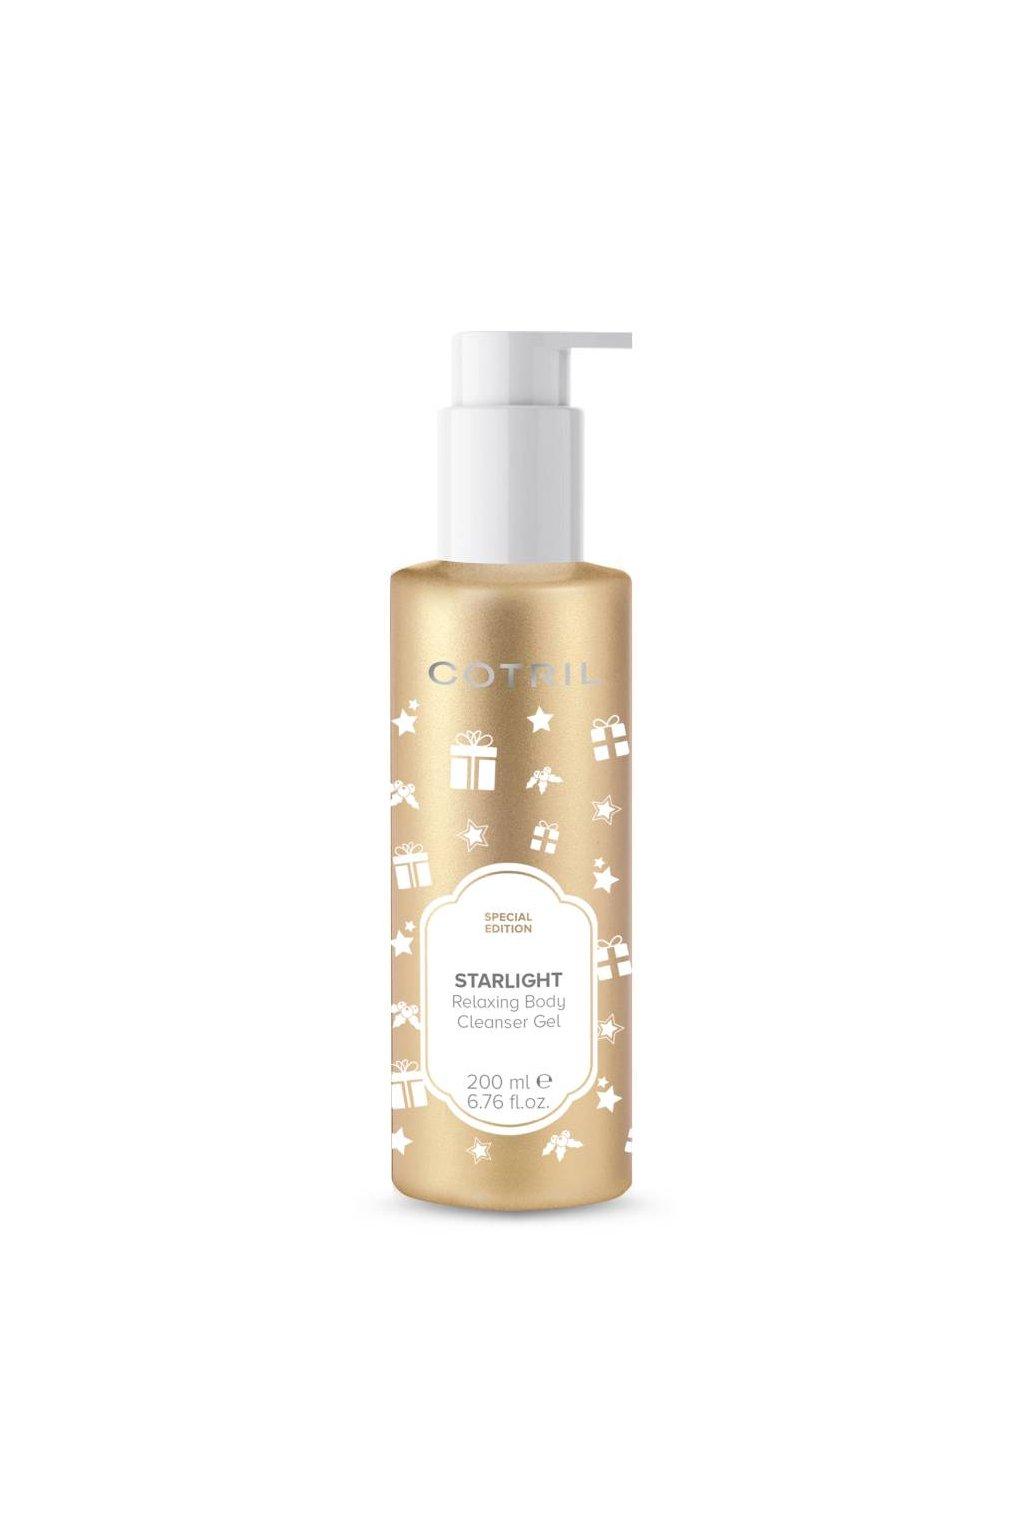 Cotril Sprchový gel STARLIGHT pro pocit okamžité relaxace 200ml